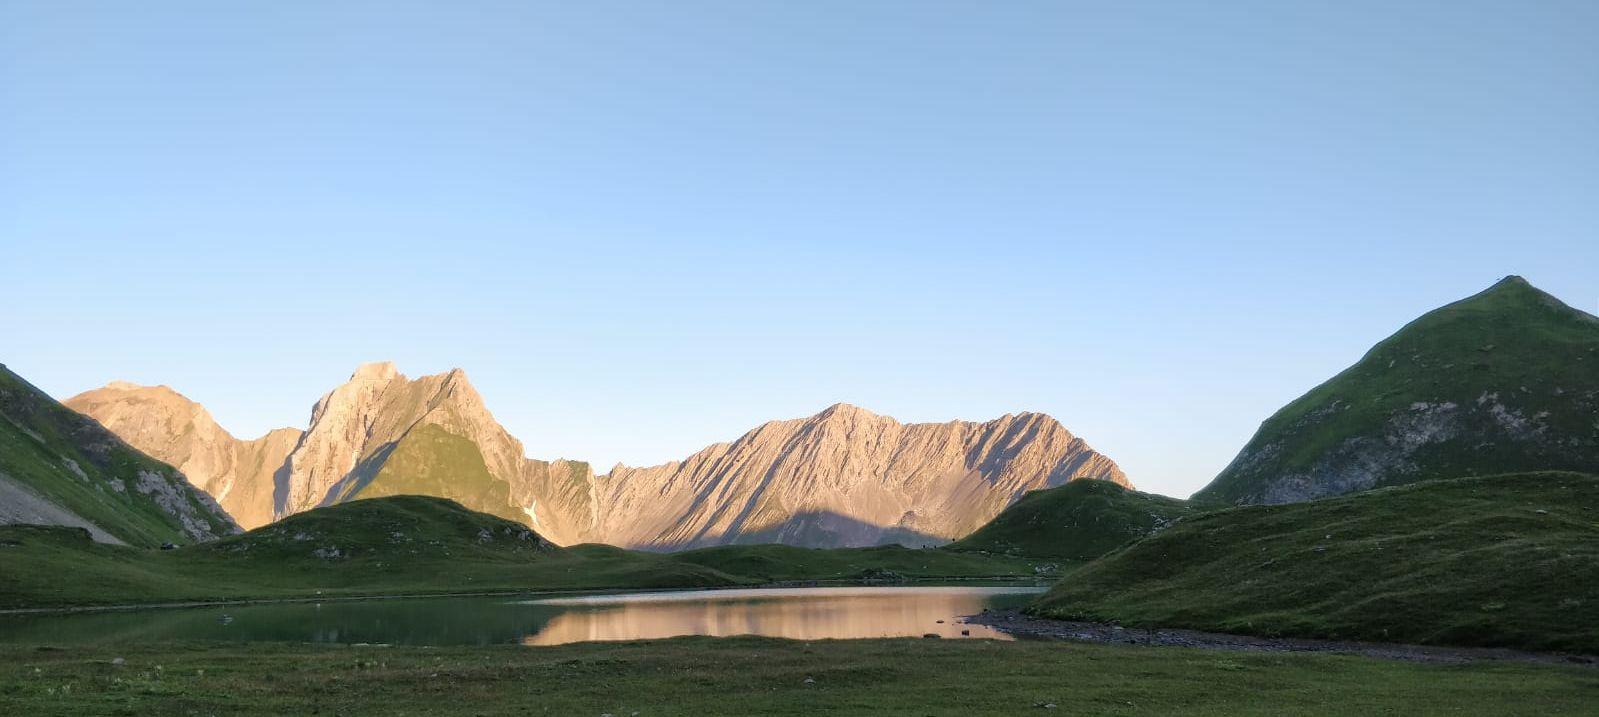 wunderschöner Blick in die tiroler Berge - E 5